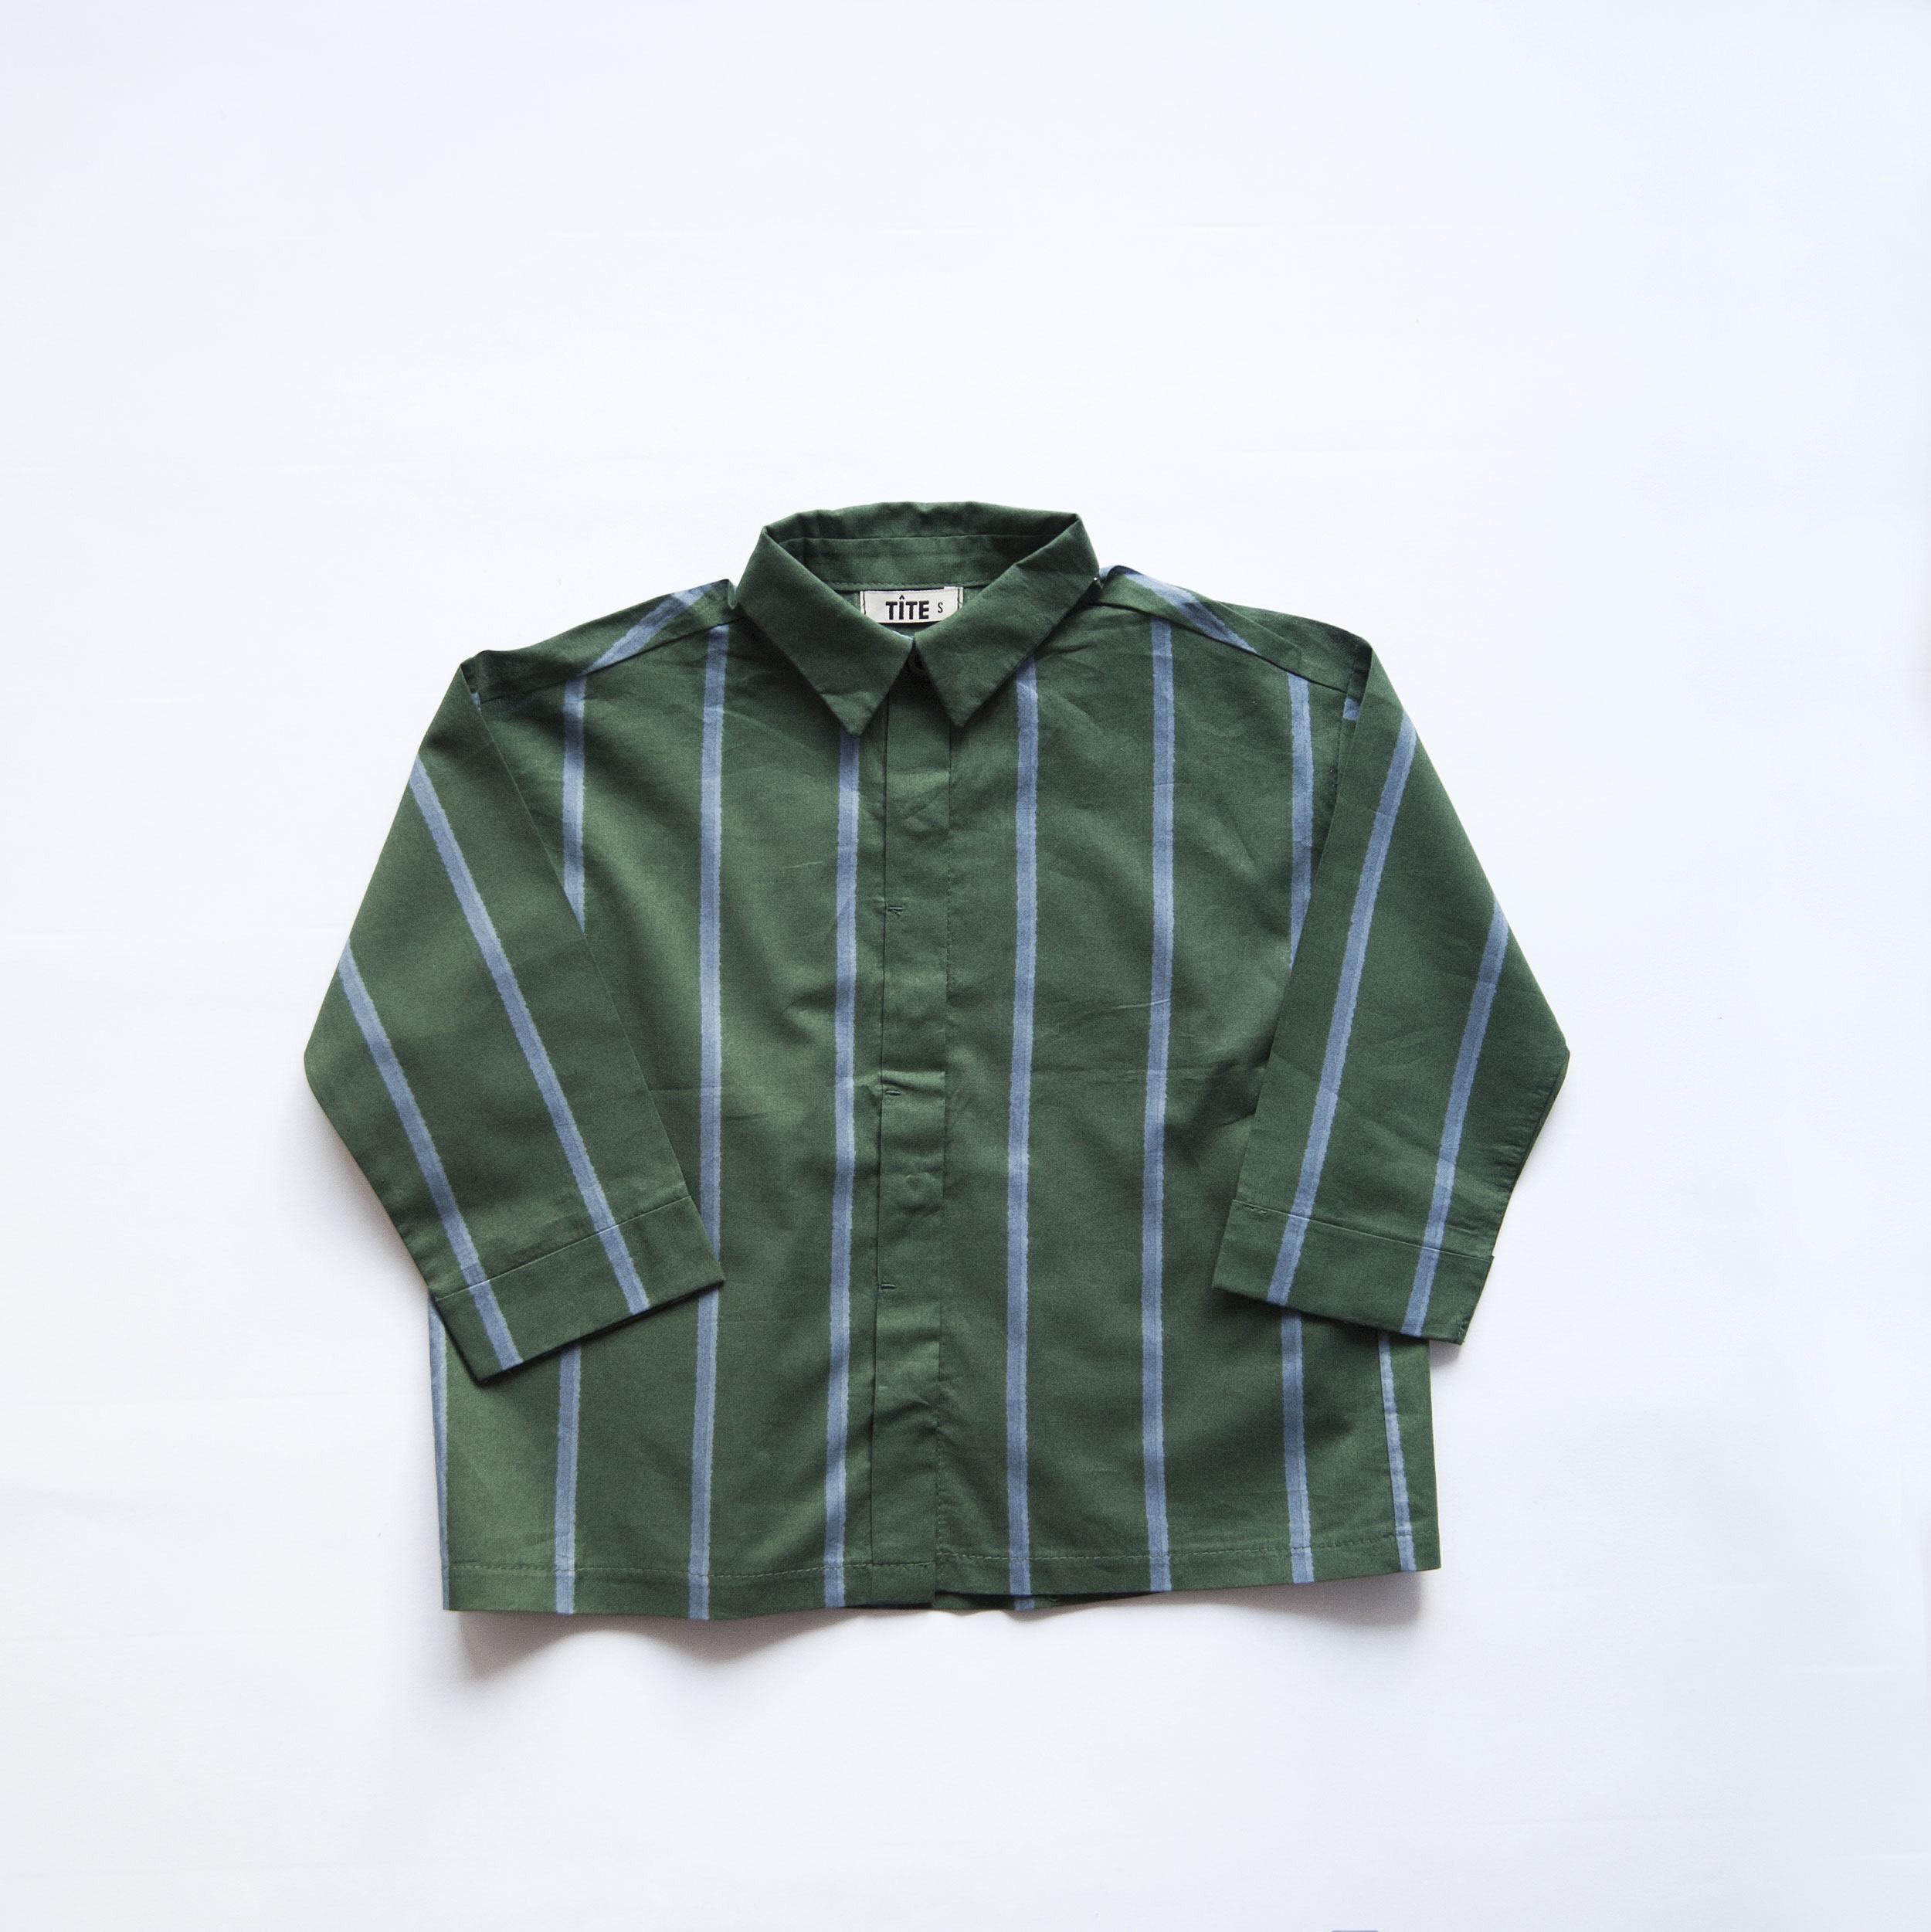 TÎTE ストライプシャツ(グリーン)